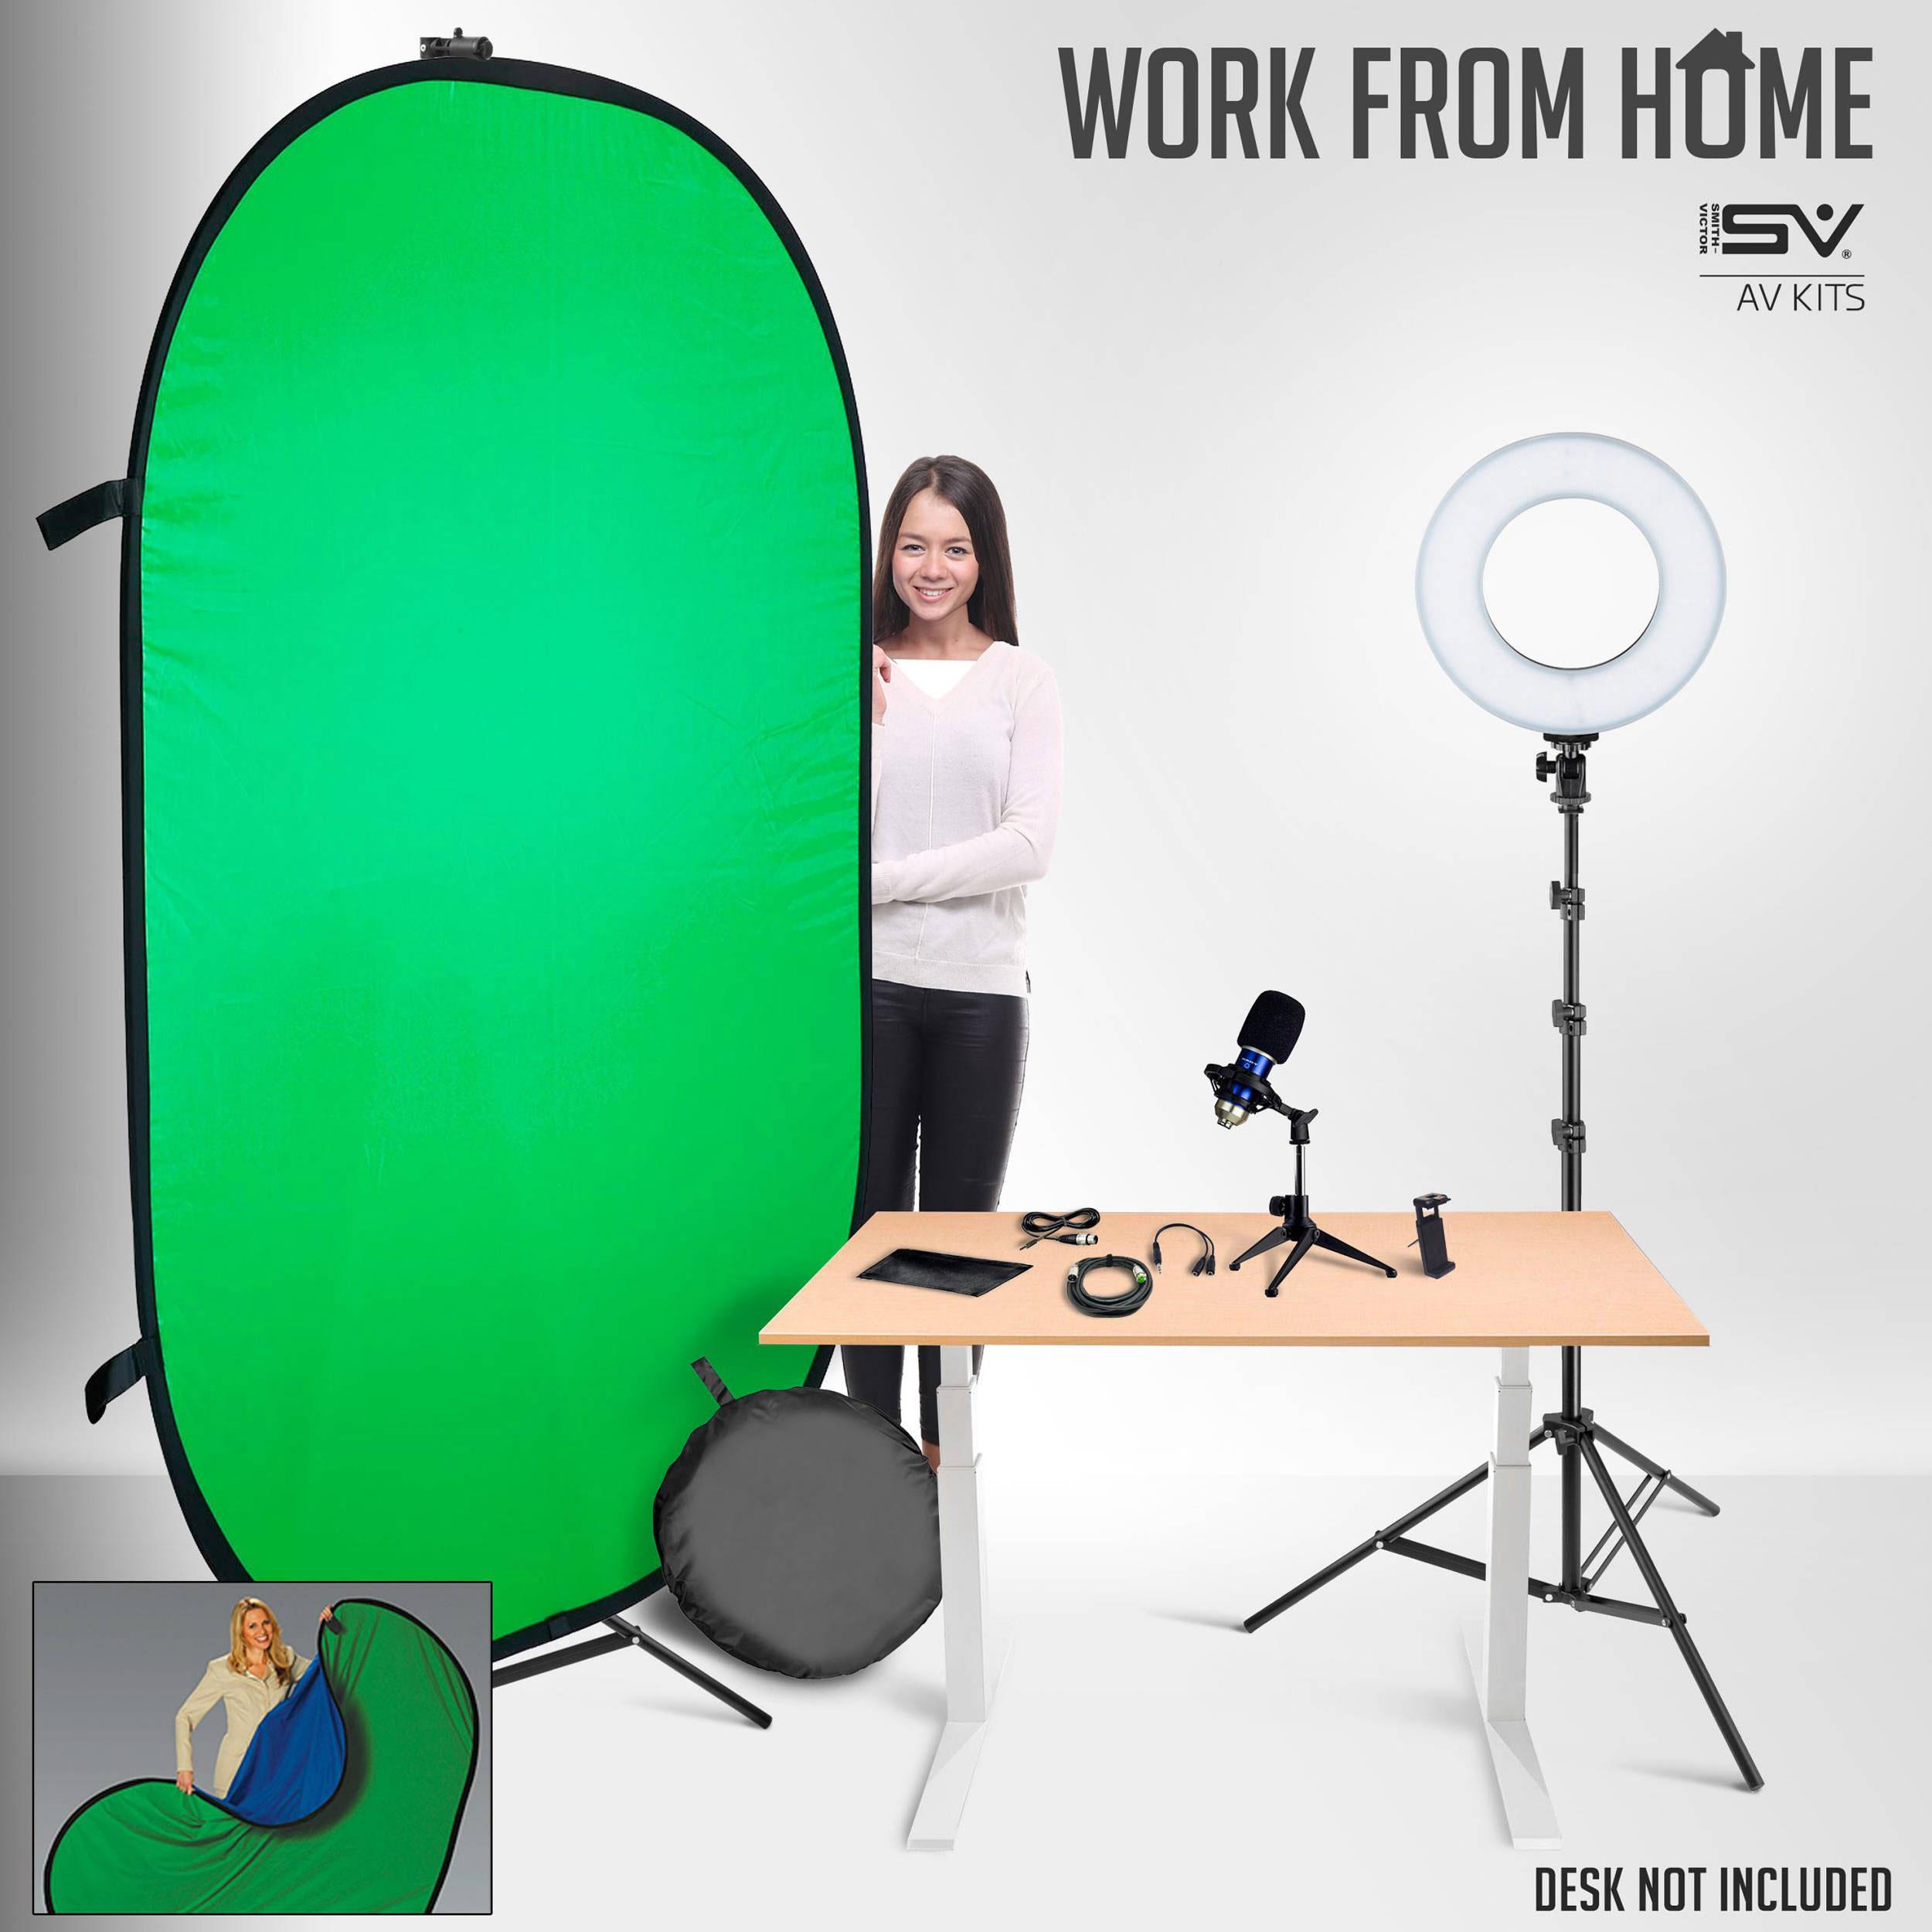 Smith-Victor Basic Smartphone / Ring Light Desktop Work-From-Home AV Kit